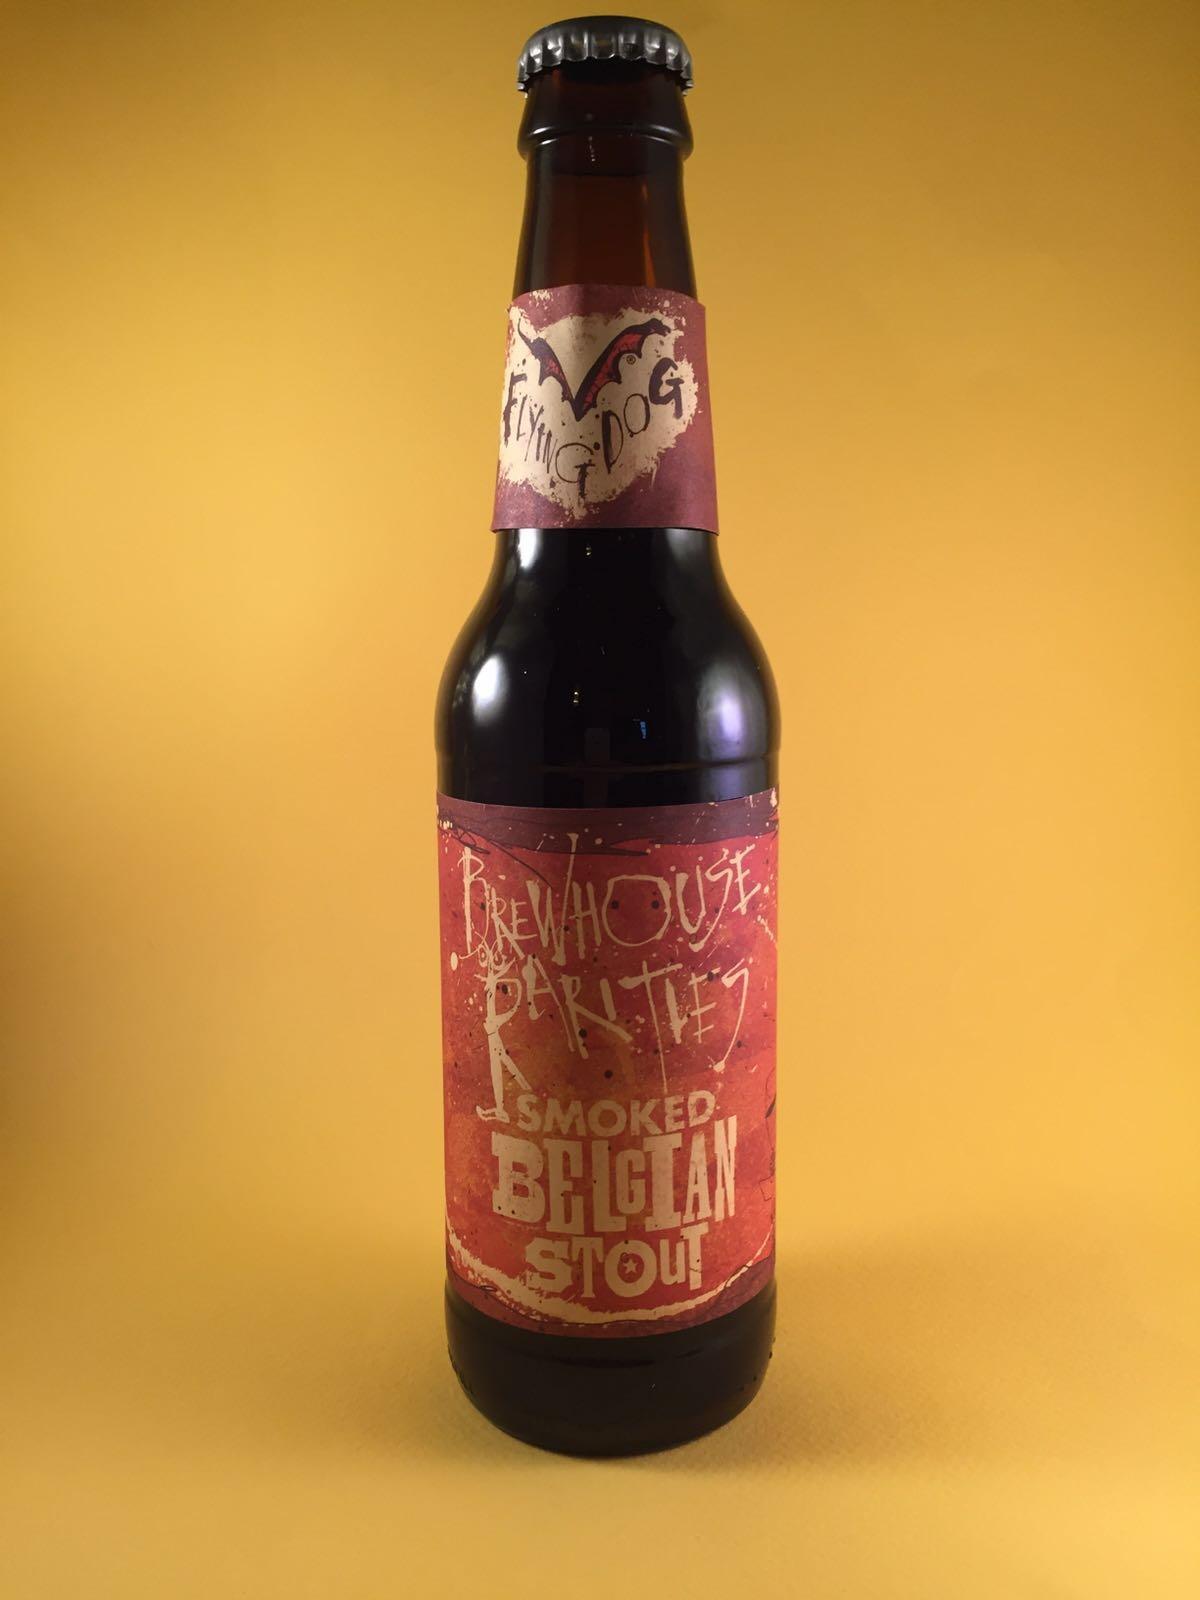 Flying Dog Smoked Belgian Stout Herkomst: Virginia, Amerika Let op! Drink dit bier als laatste. De klap op de vuurpijl. Voor dit eenmalig brouwsel hebben ze als speciale ingrediënten Belgische donkere kandijsuiker en de Copper Fox Mesquite gerookte mout gebruikt. Dit geeft het bier een stevig rokerig karakter met een hint van chocola en caramel, zeker het proberen waard!